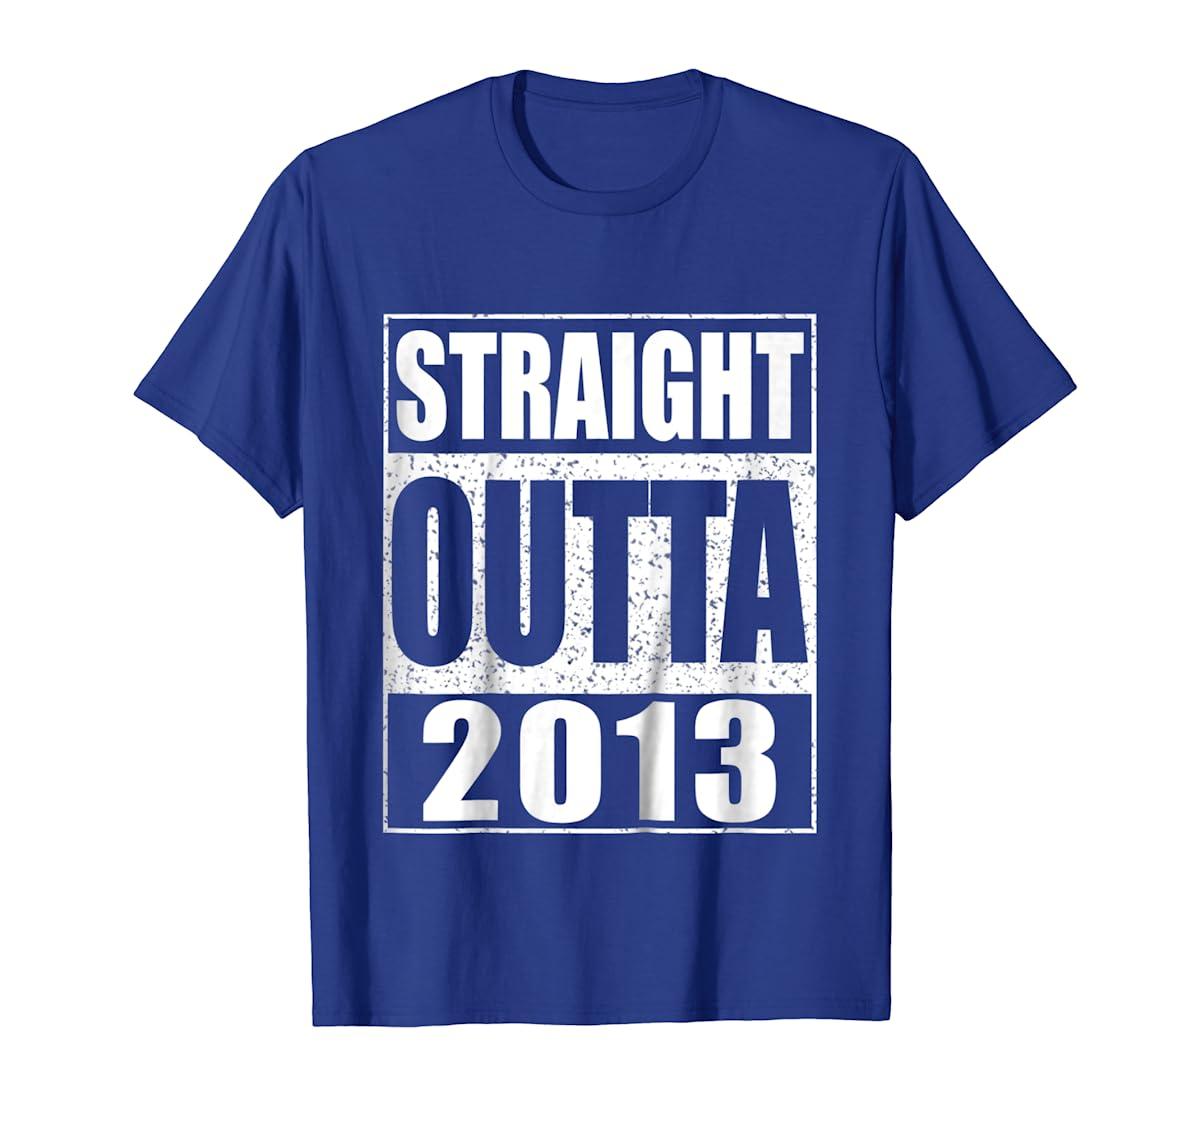 Kids Straight Outta 2013 T-Shirt 6th Birthday Gift Shirt-Men's T-Shirt-Royal